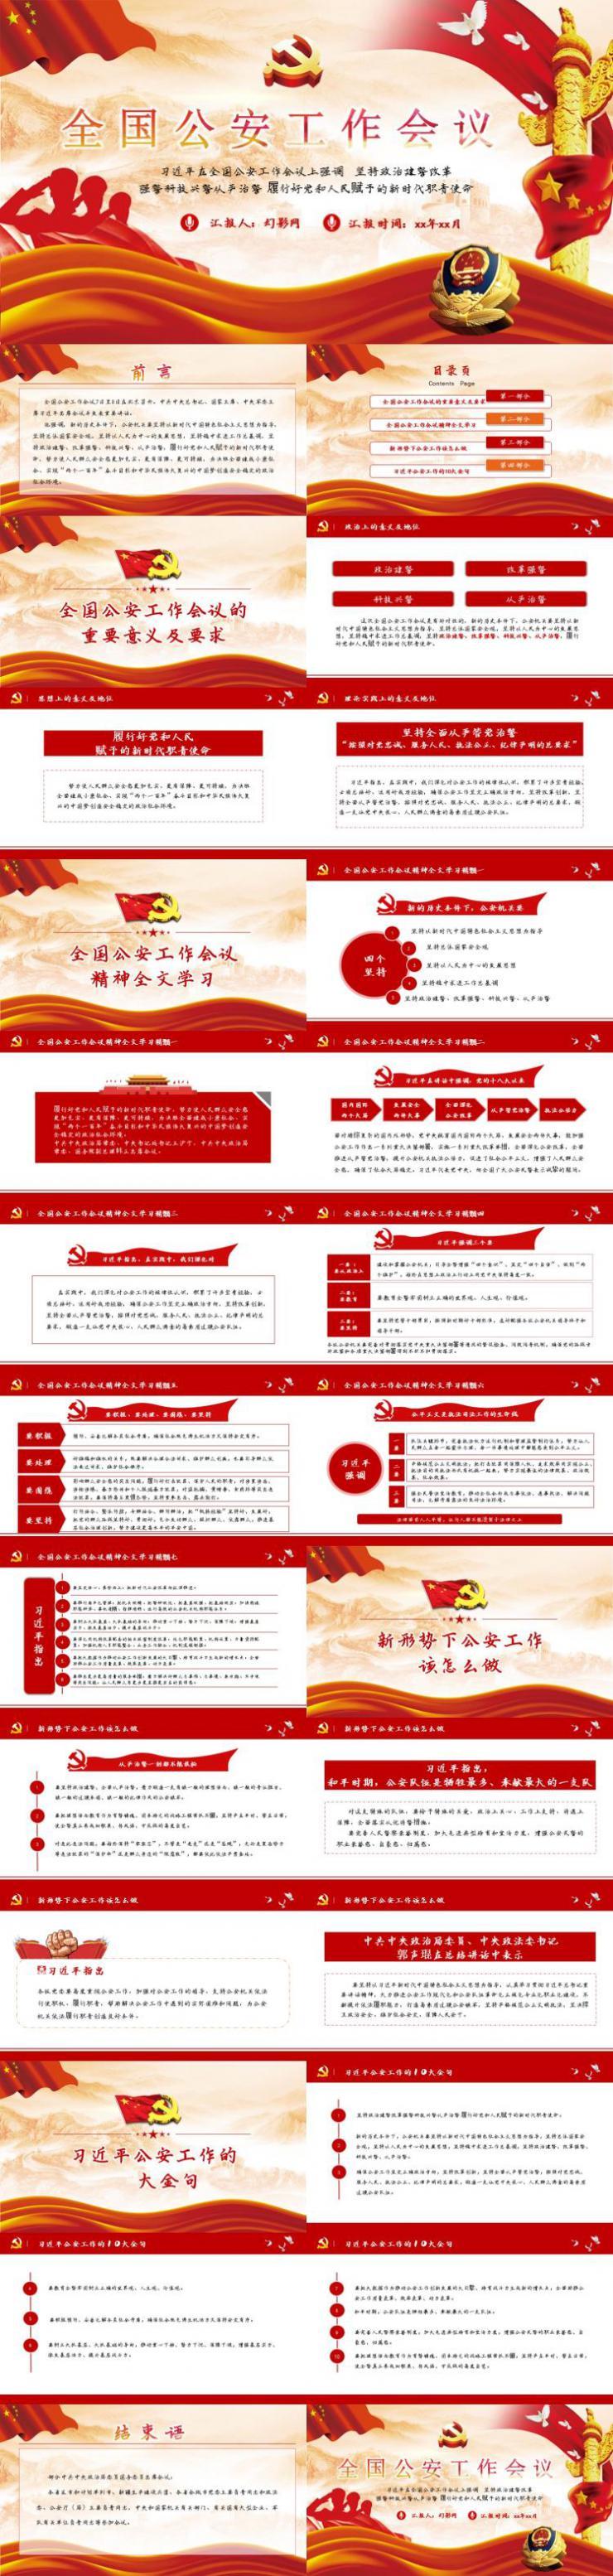 红色党政风全国公安工作会议学习解读文件党建党课PPT模板